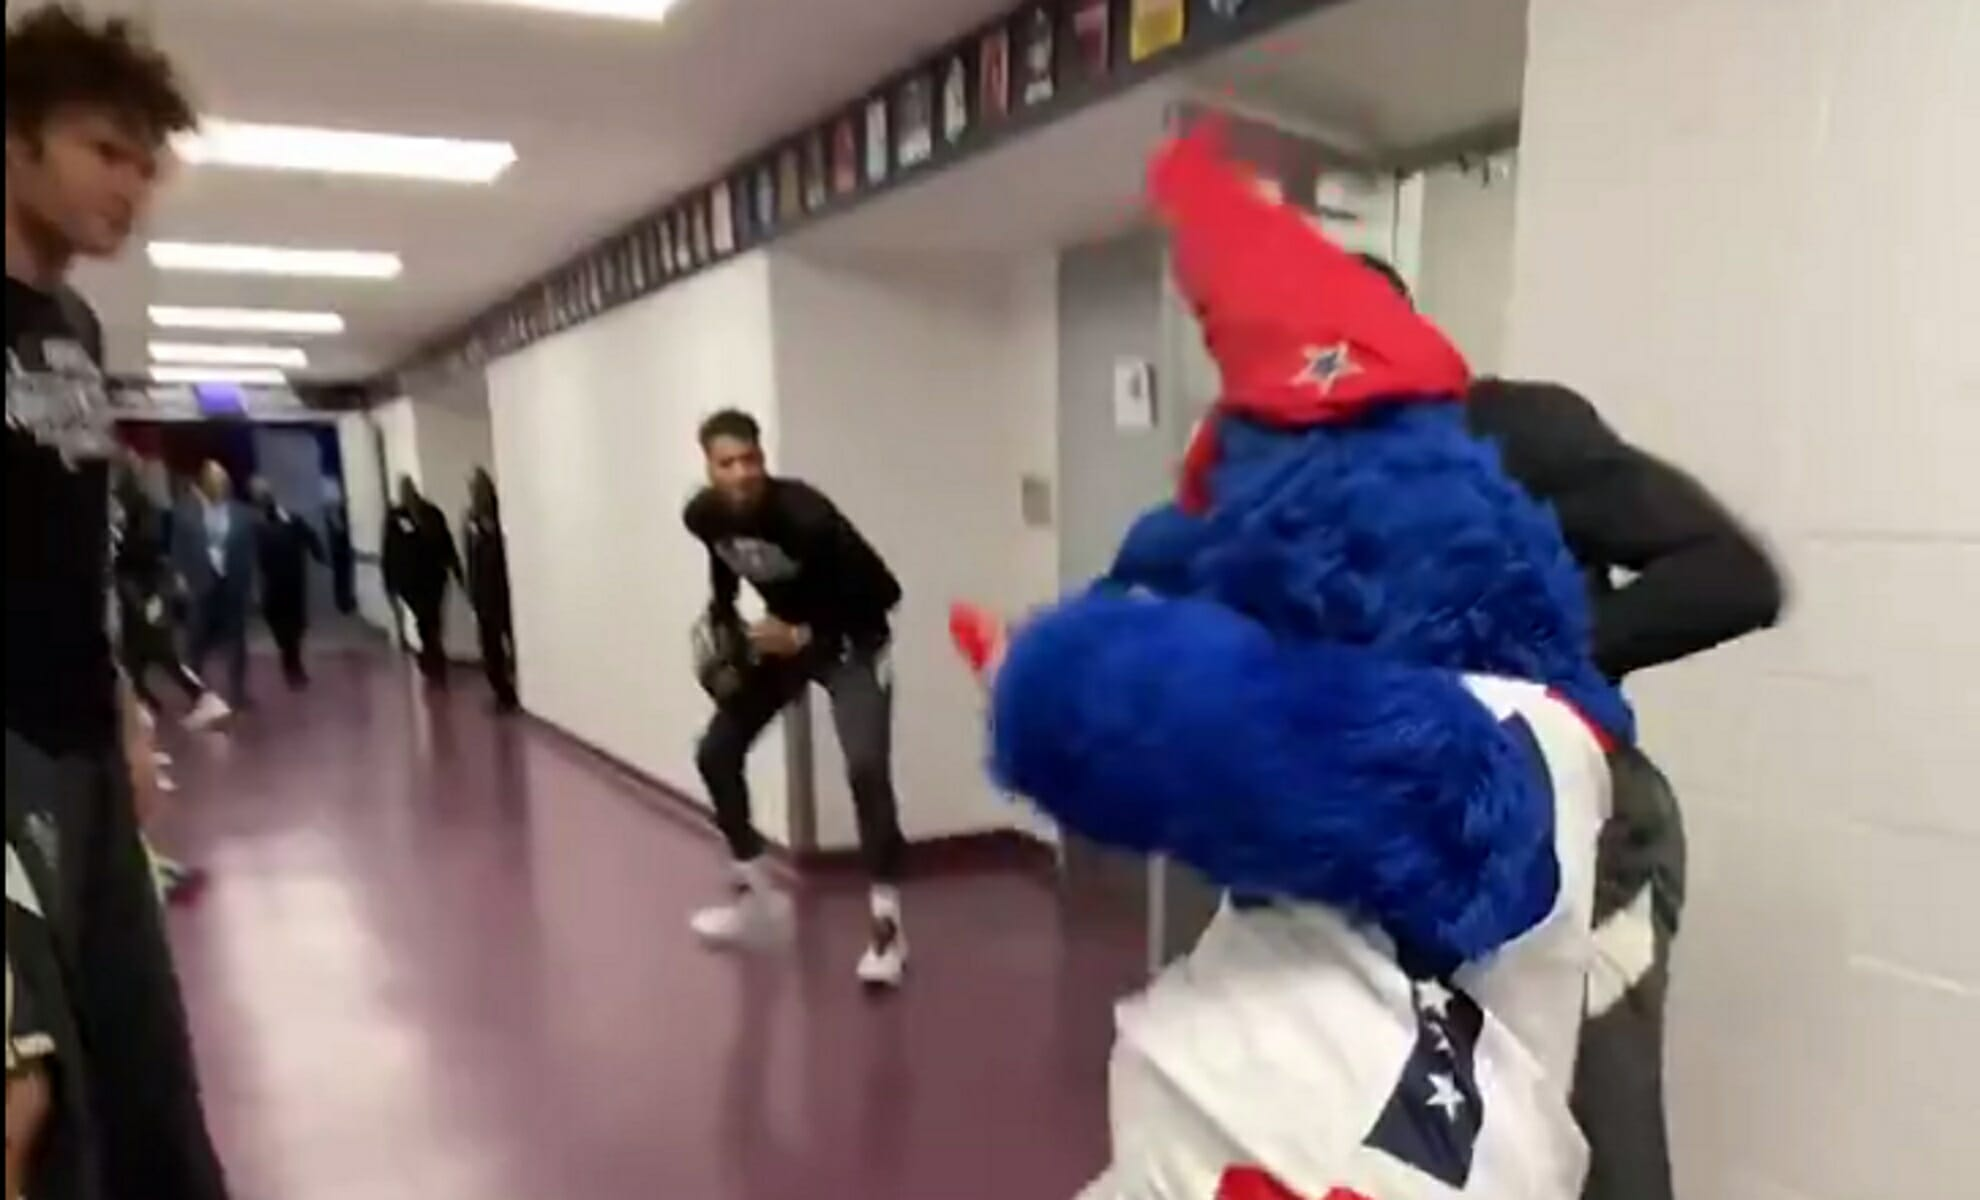 """Οι Αντετοκούνbros πρωταθλητές στην πυγμαχία! """"Νοκ άουτ"""" η μασκότ των Γουίζαρντς (video)"""